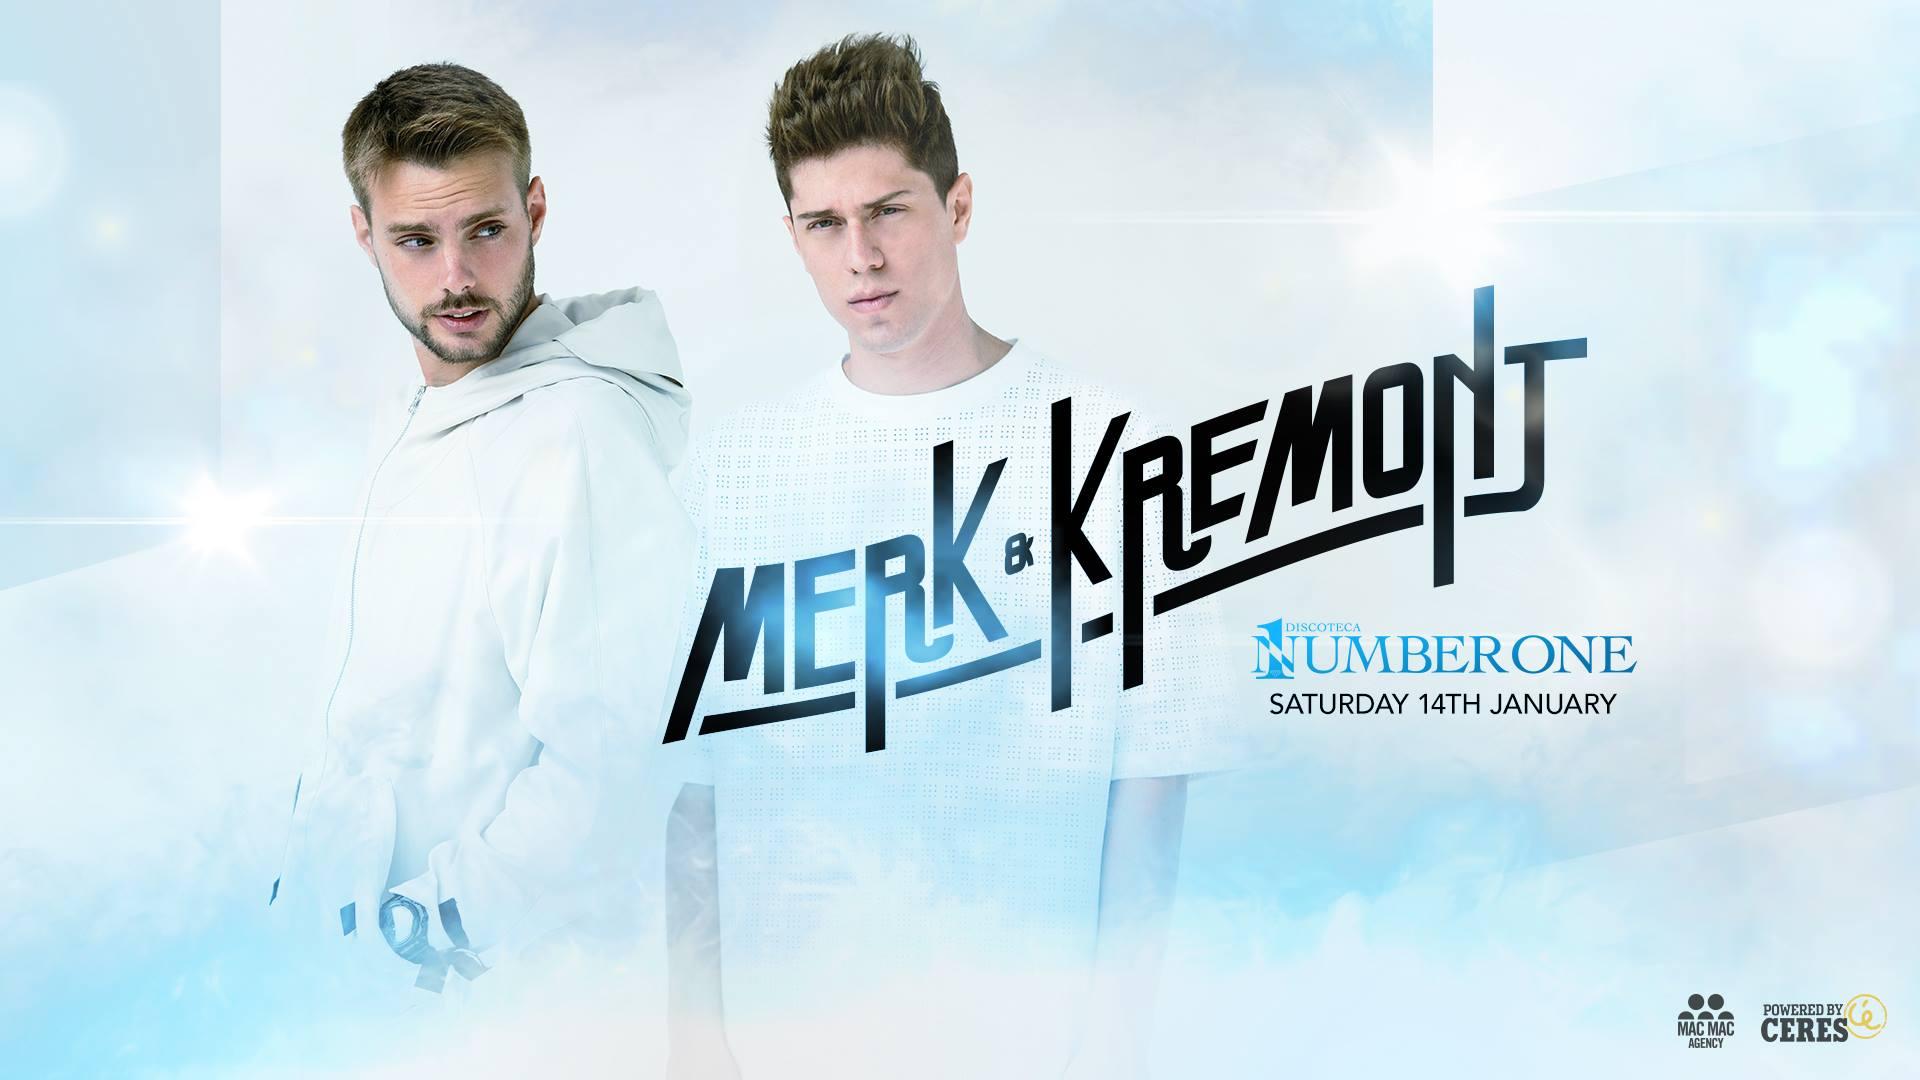 Merk & Kremont Number One